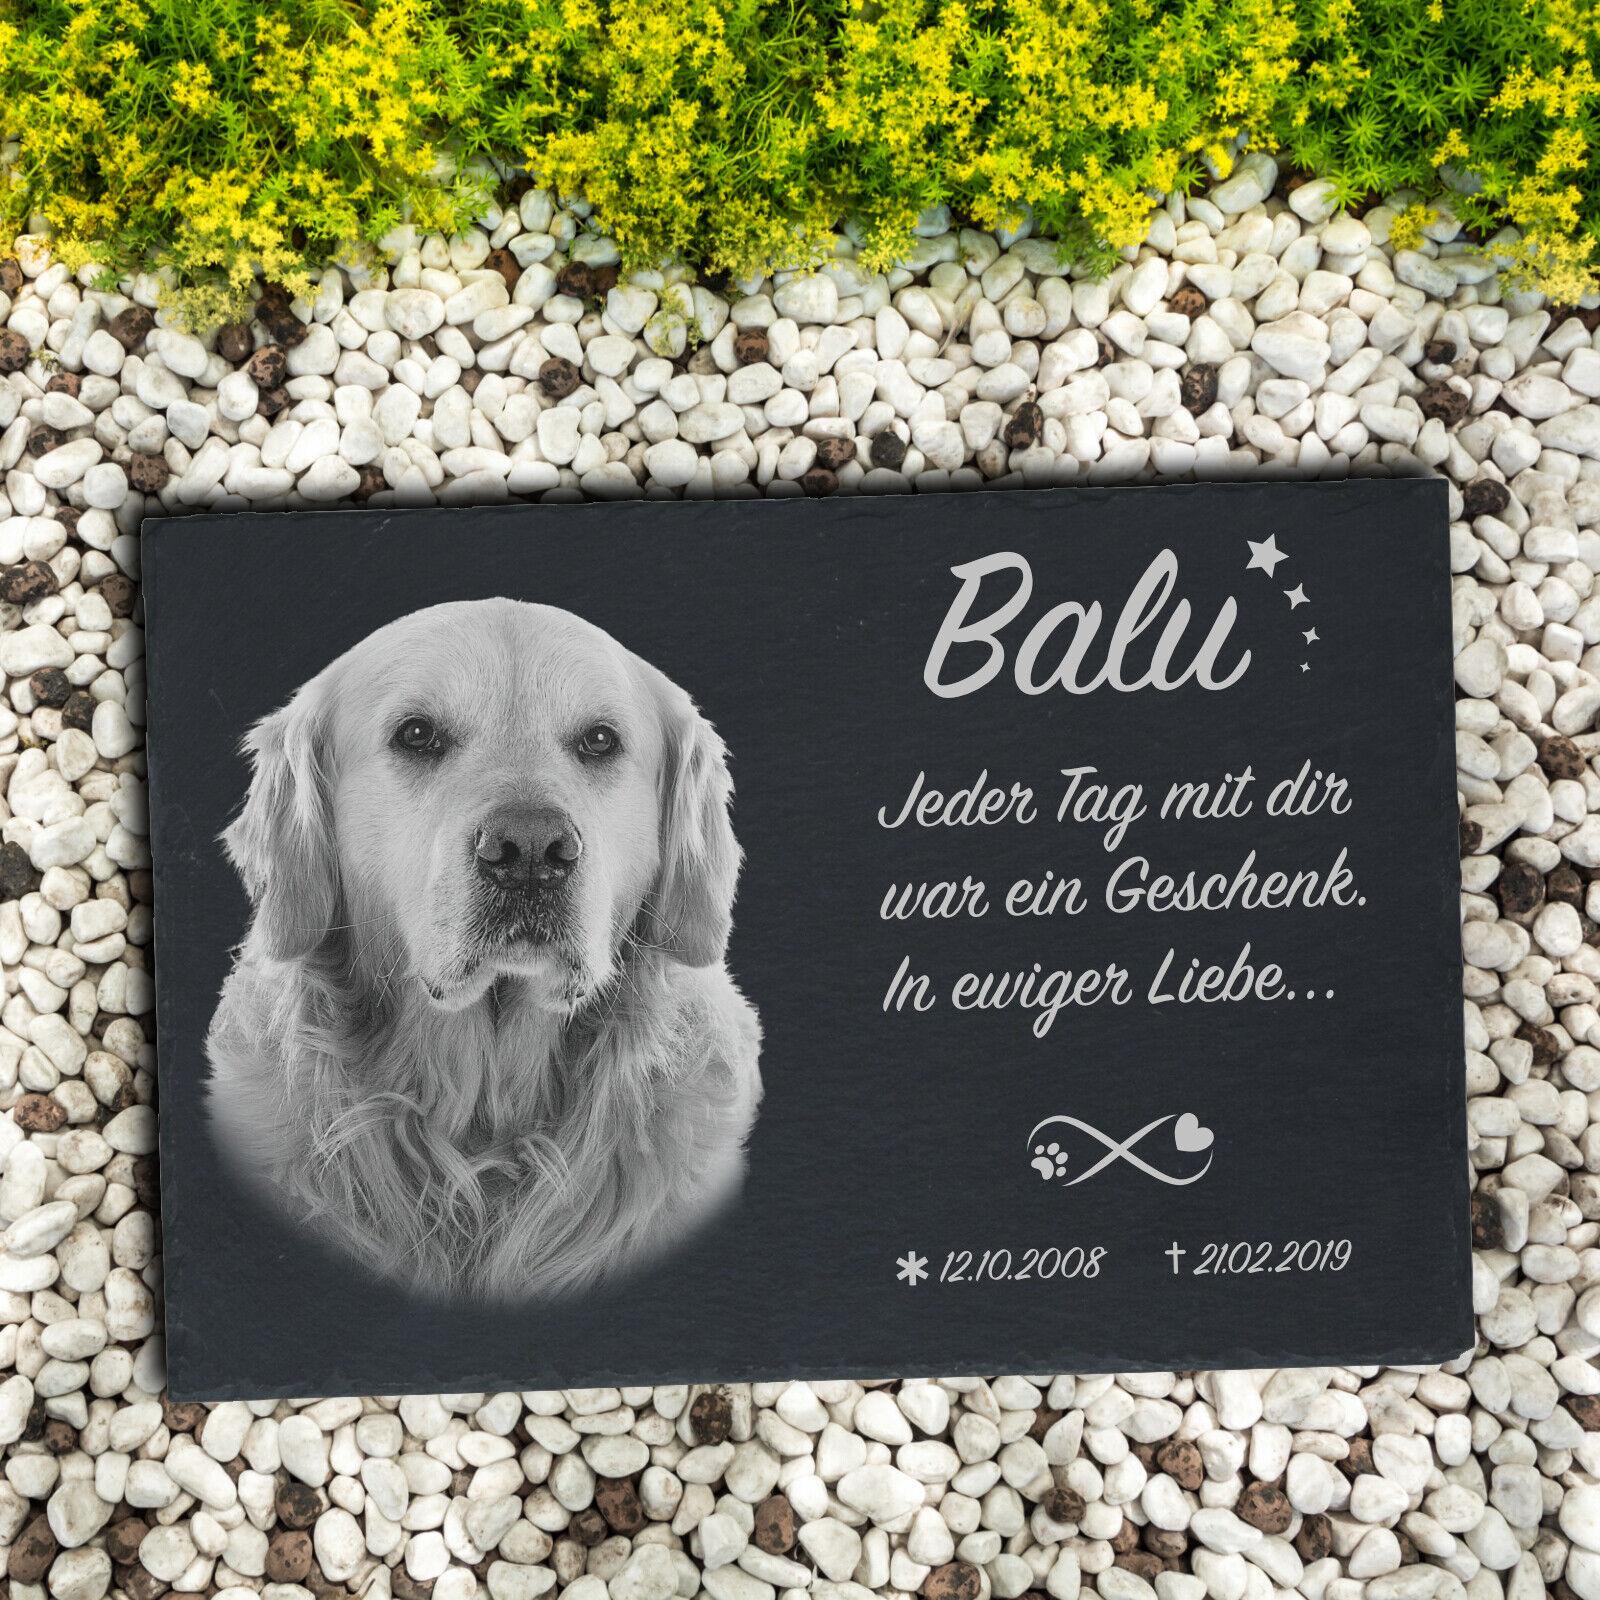 Tiergrabstein Gedenkstein Grabstein Hund Katze Hase Vogel Gravur 30 x 20 cm